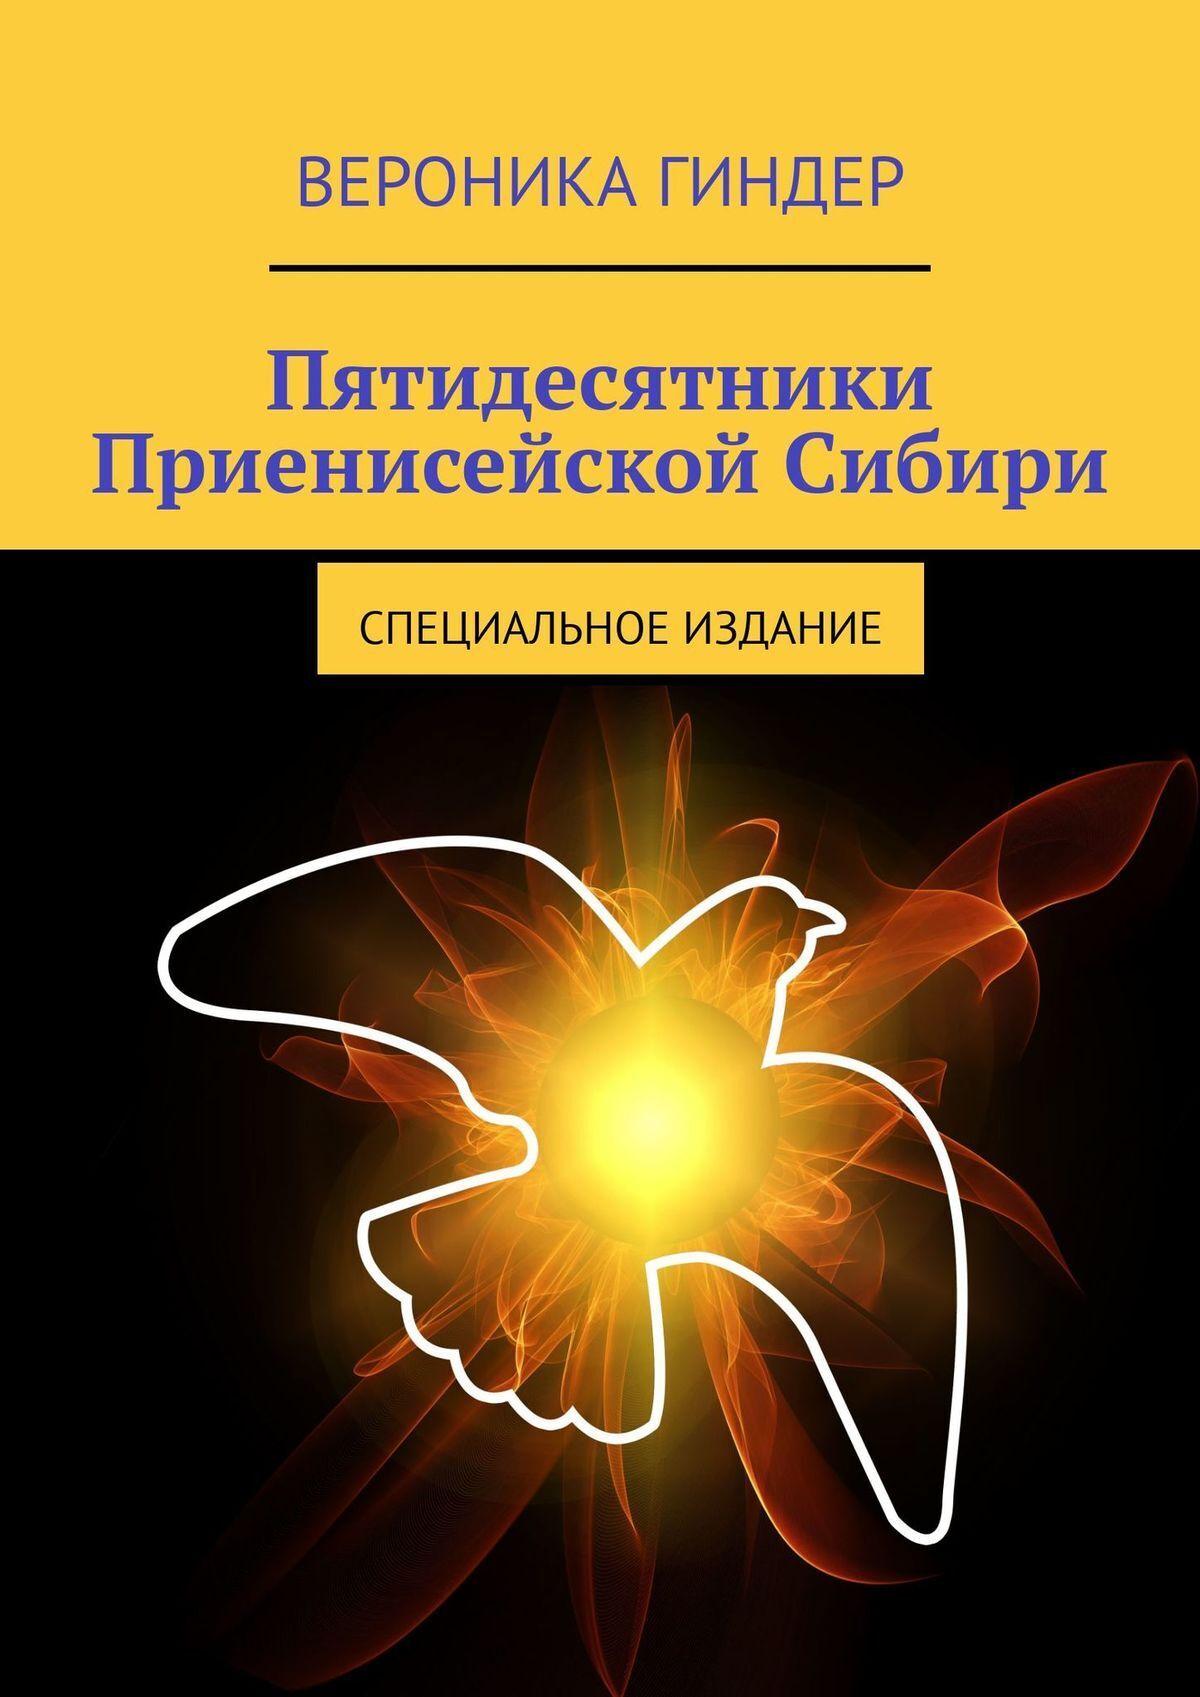 Вероника Гиндер Пятидесятники Приенисейской Сибири. Специальное издание